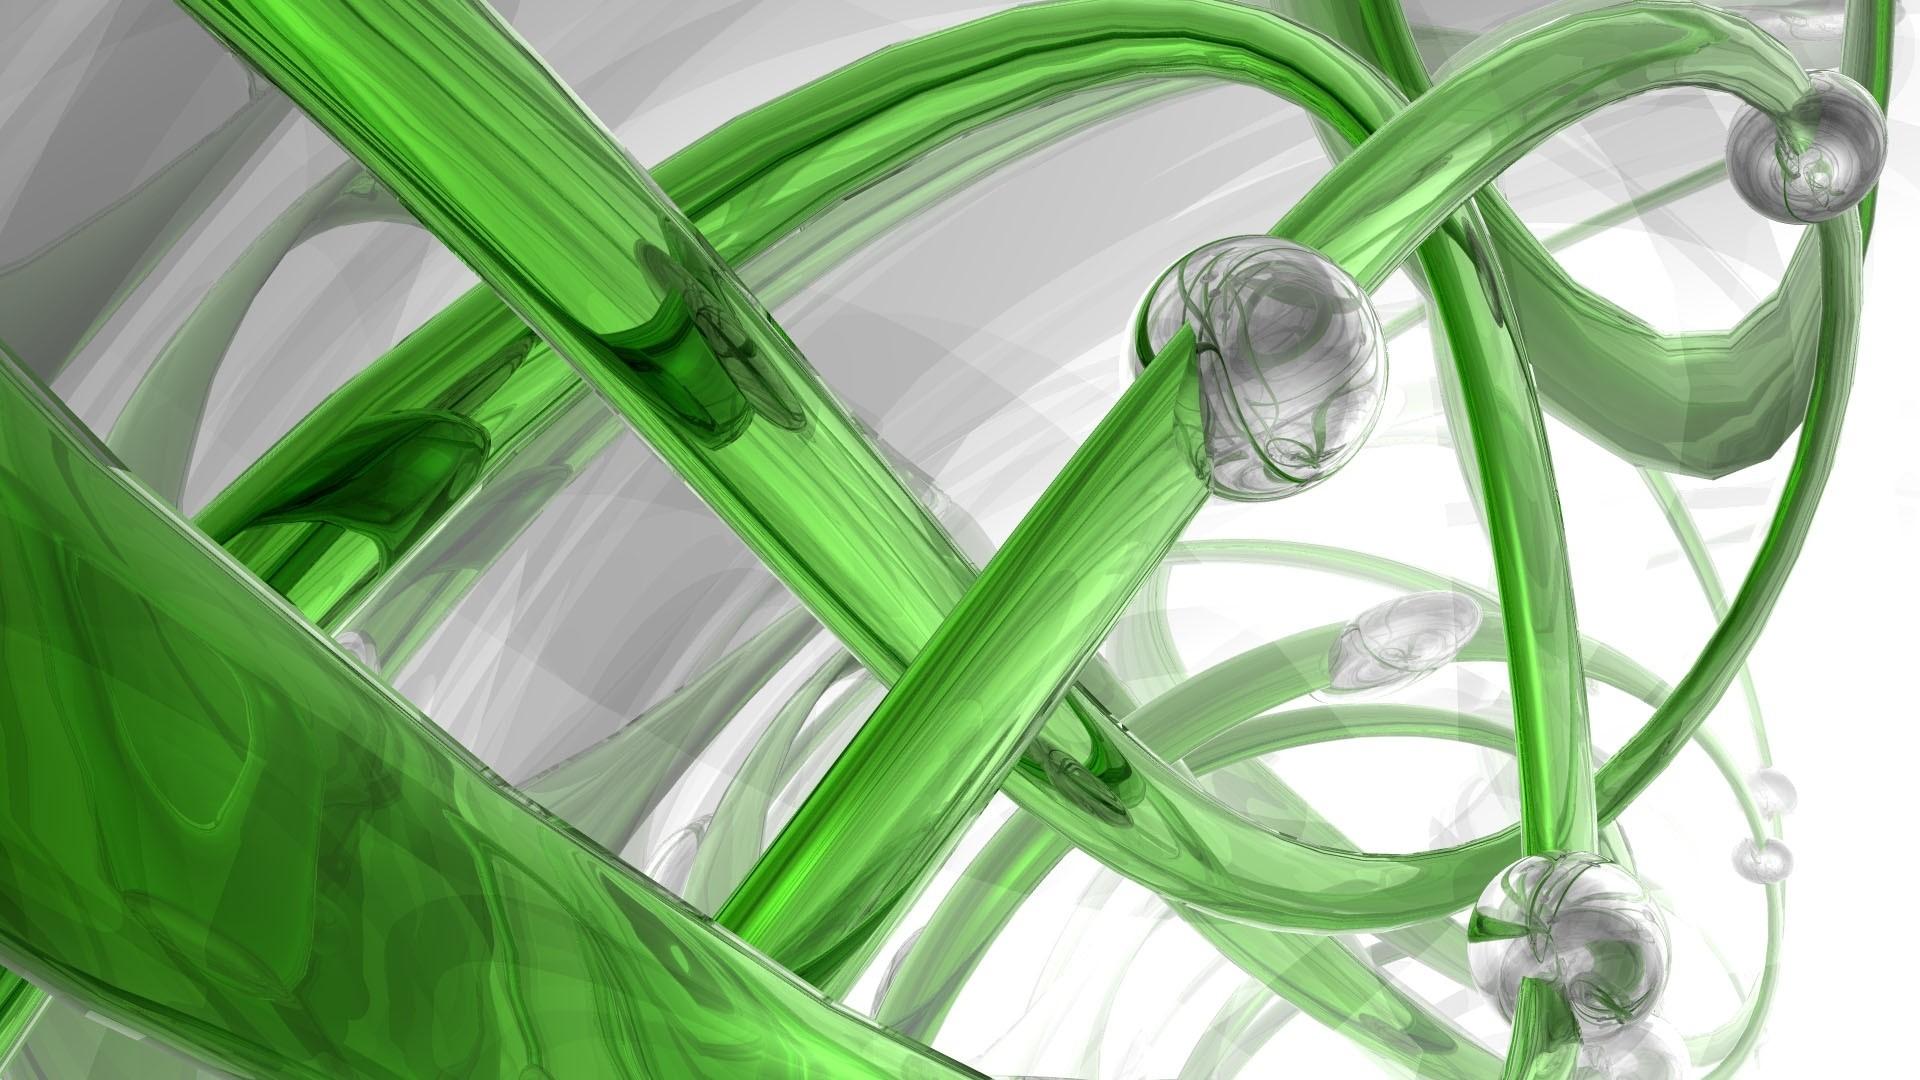 Wallpaper 3d, spiral, glass, green, white